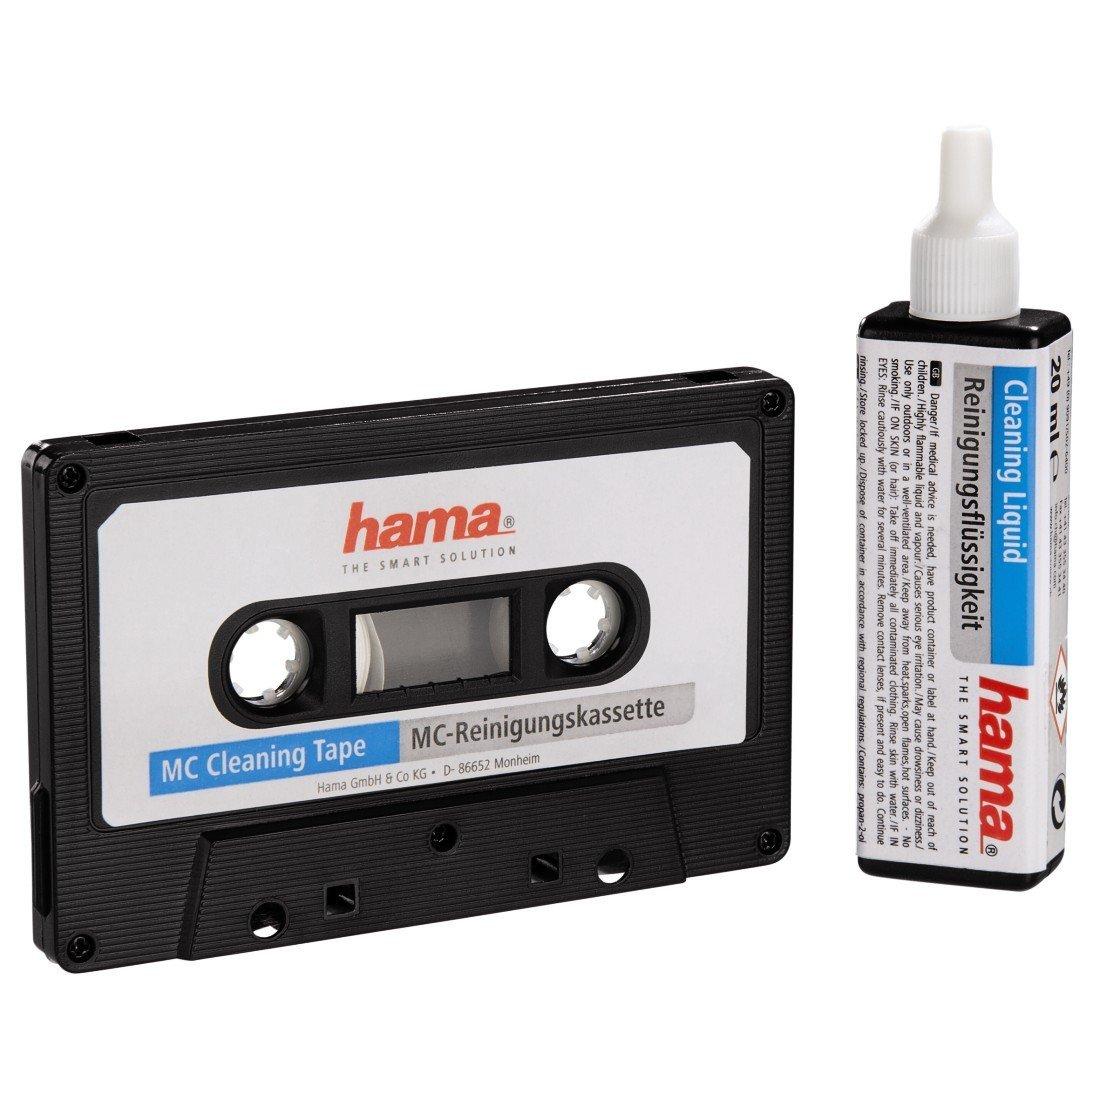 Hama MC Cleaning Cassette'Audioclean' - Cinta de limpieza Negro Hama MC Cleaning CassetteAudioclean - Cinta de limpieza Negro 044708